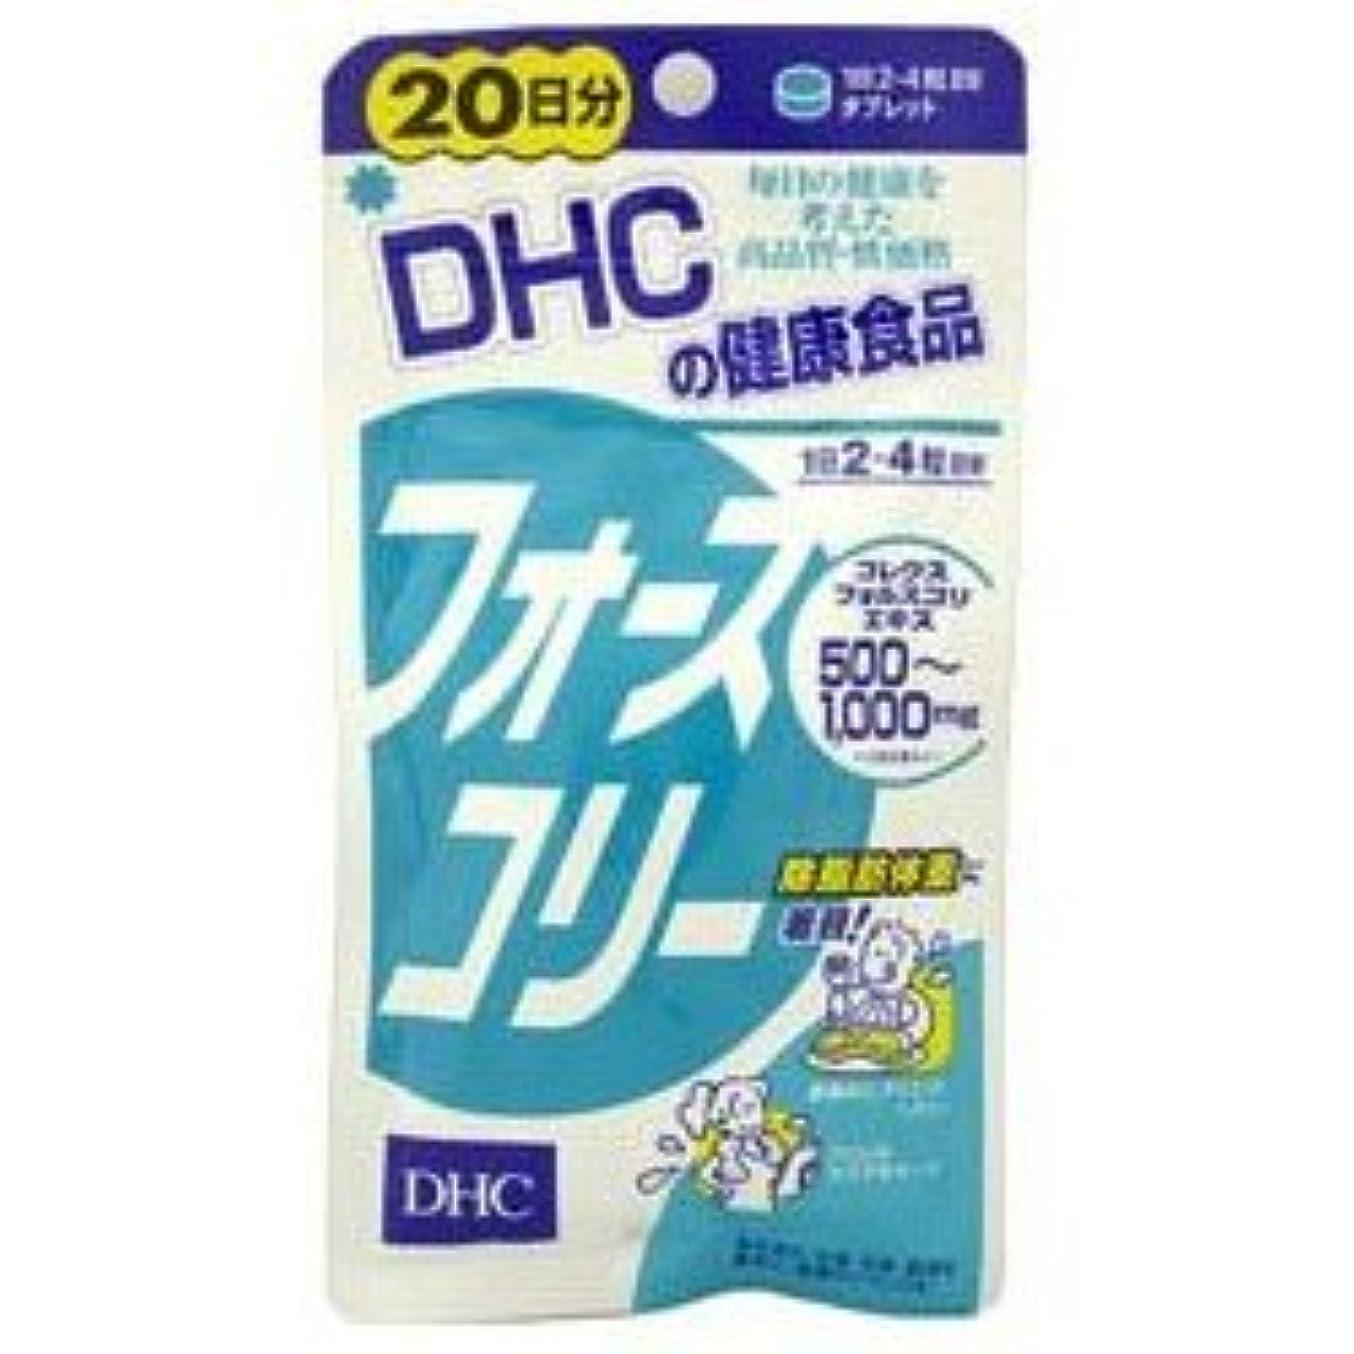 感情のキモいサーカス【DHC】フォースコリー 20日分 (32.4g) ×20個セット